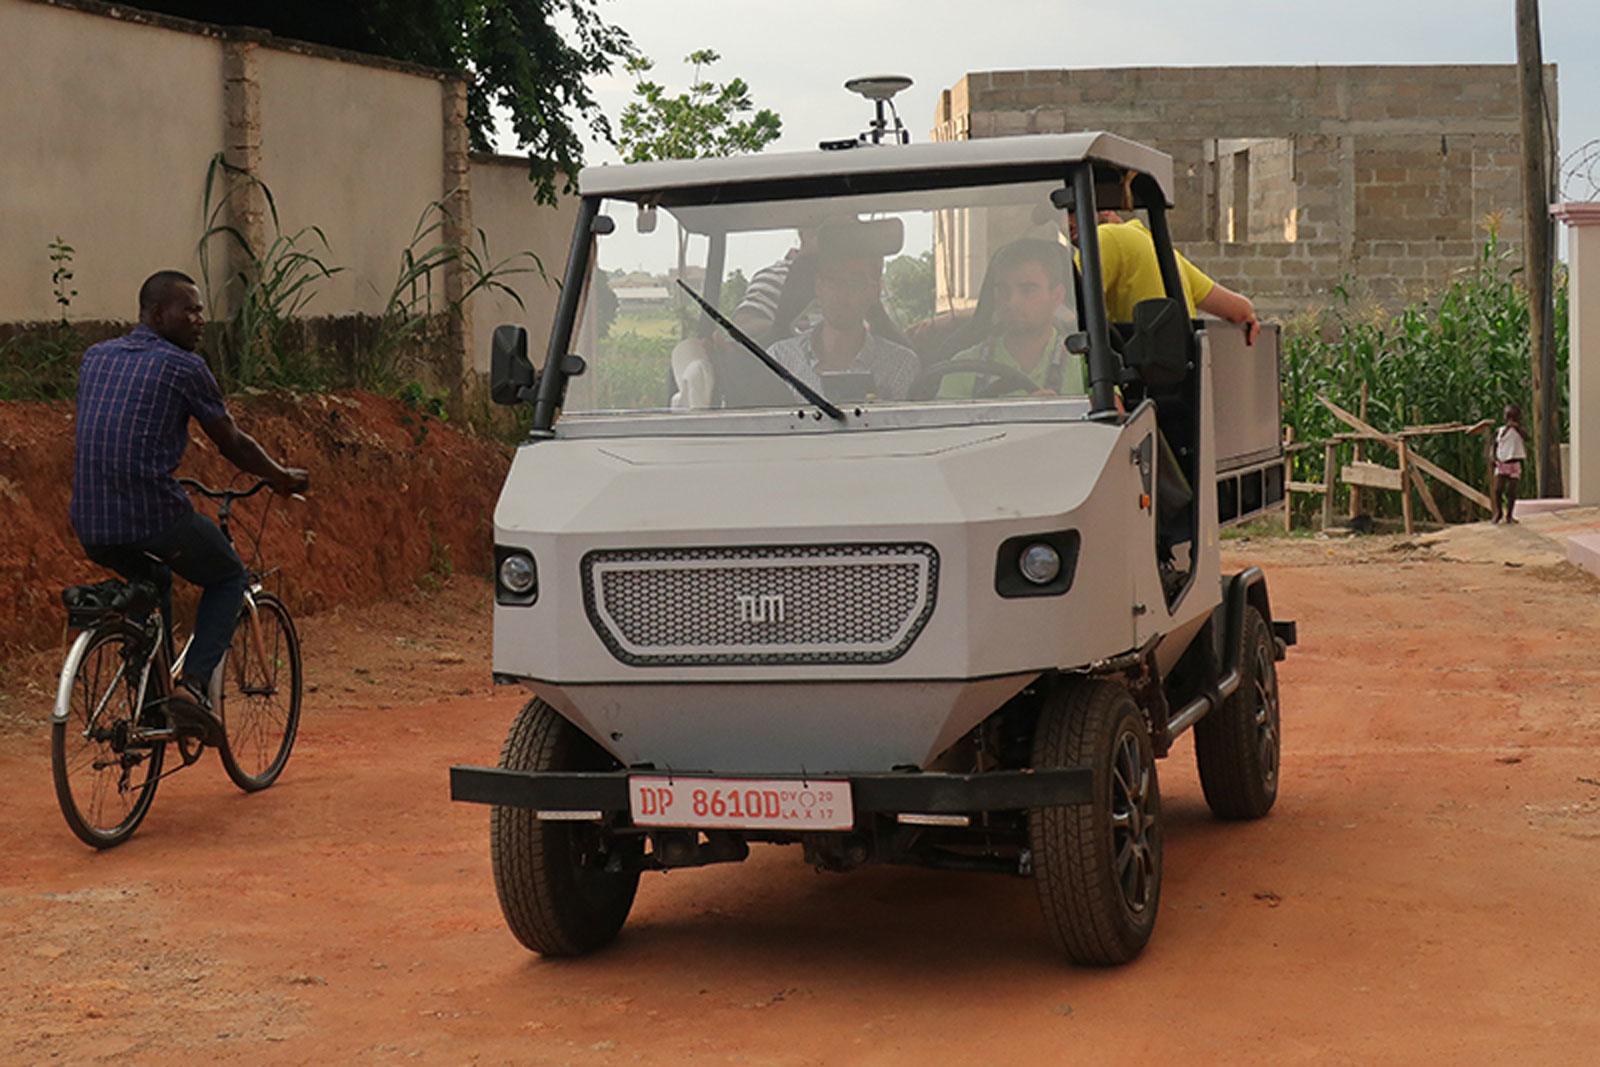 Немцы построили электромобиль для африканского бездорожья 1